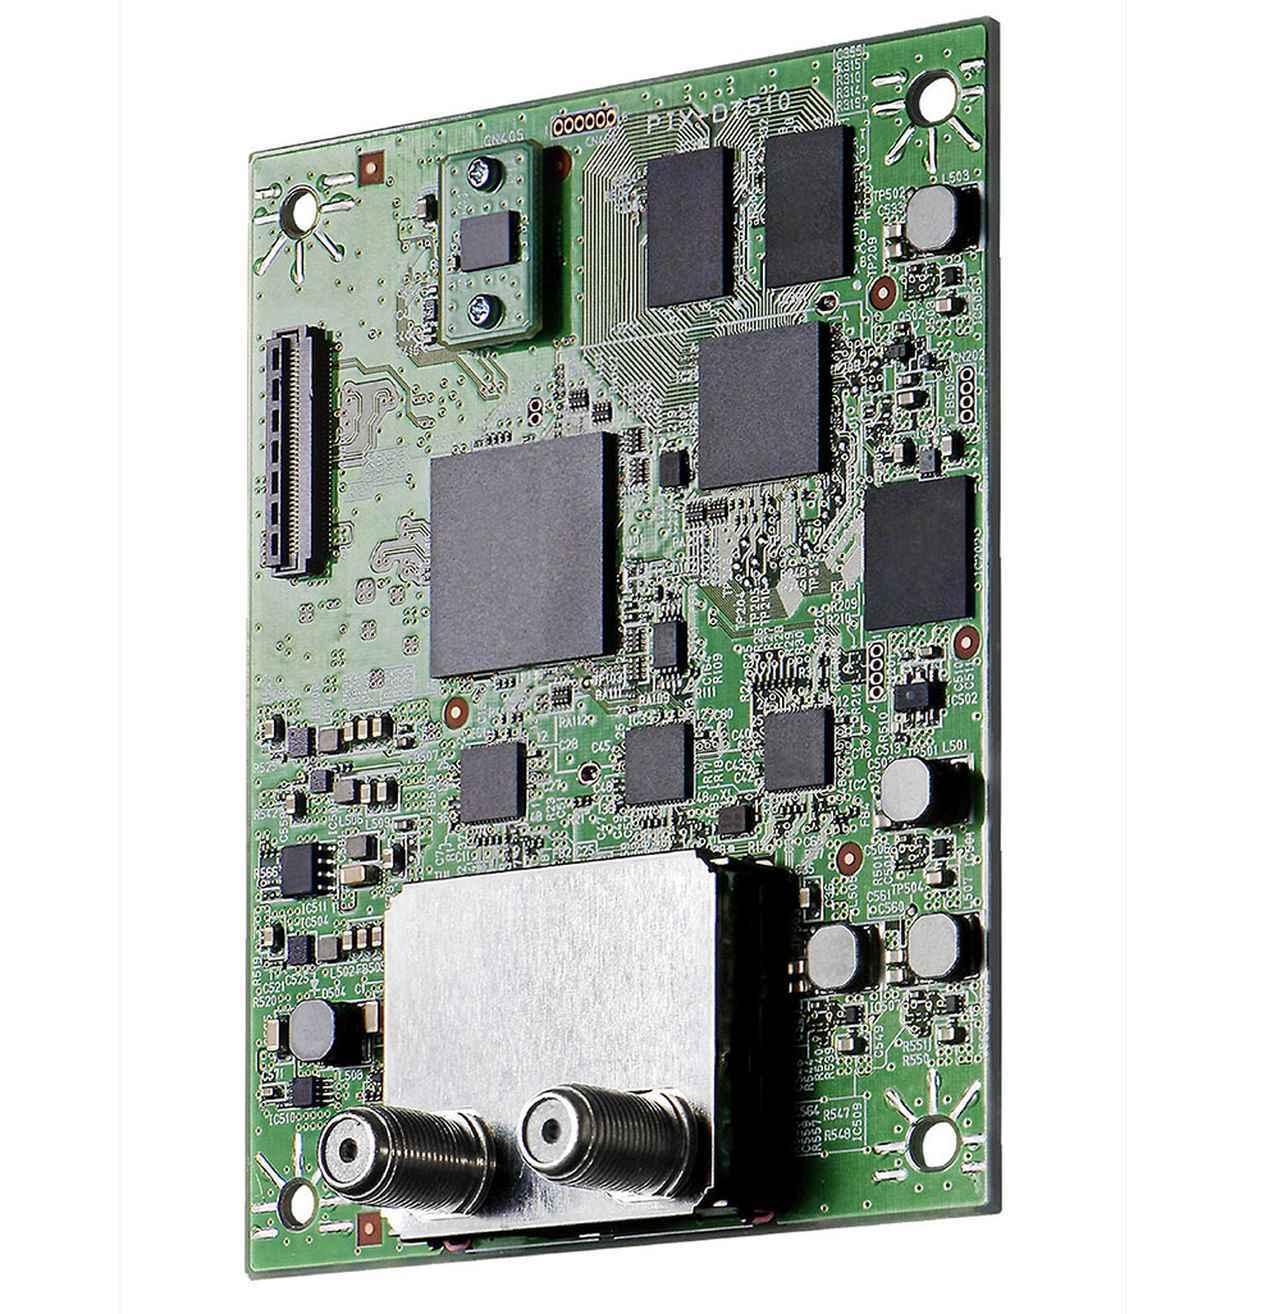 画像: ピクセラが世界初、新4K衛星放送が視聴できるWindowsパソコン向け内蔵ボード「PIX-DT510」を開発。FMVシリーズの「ESPRIMO FH-X/C3」に採用